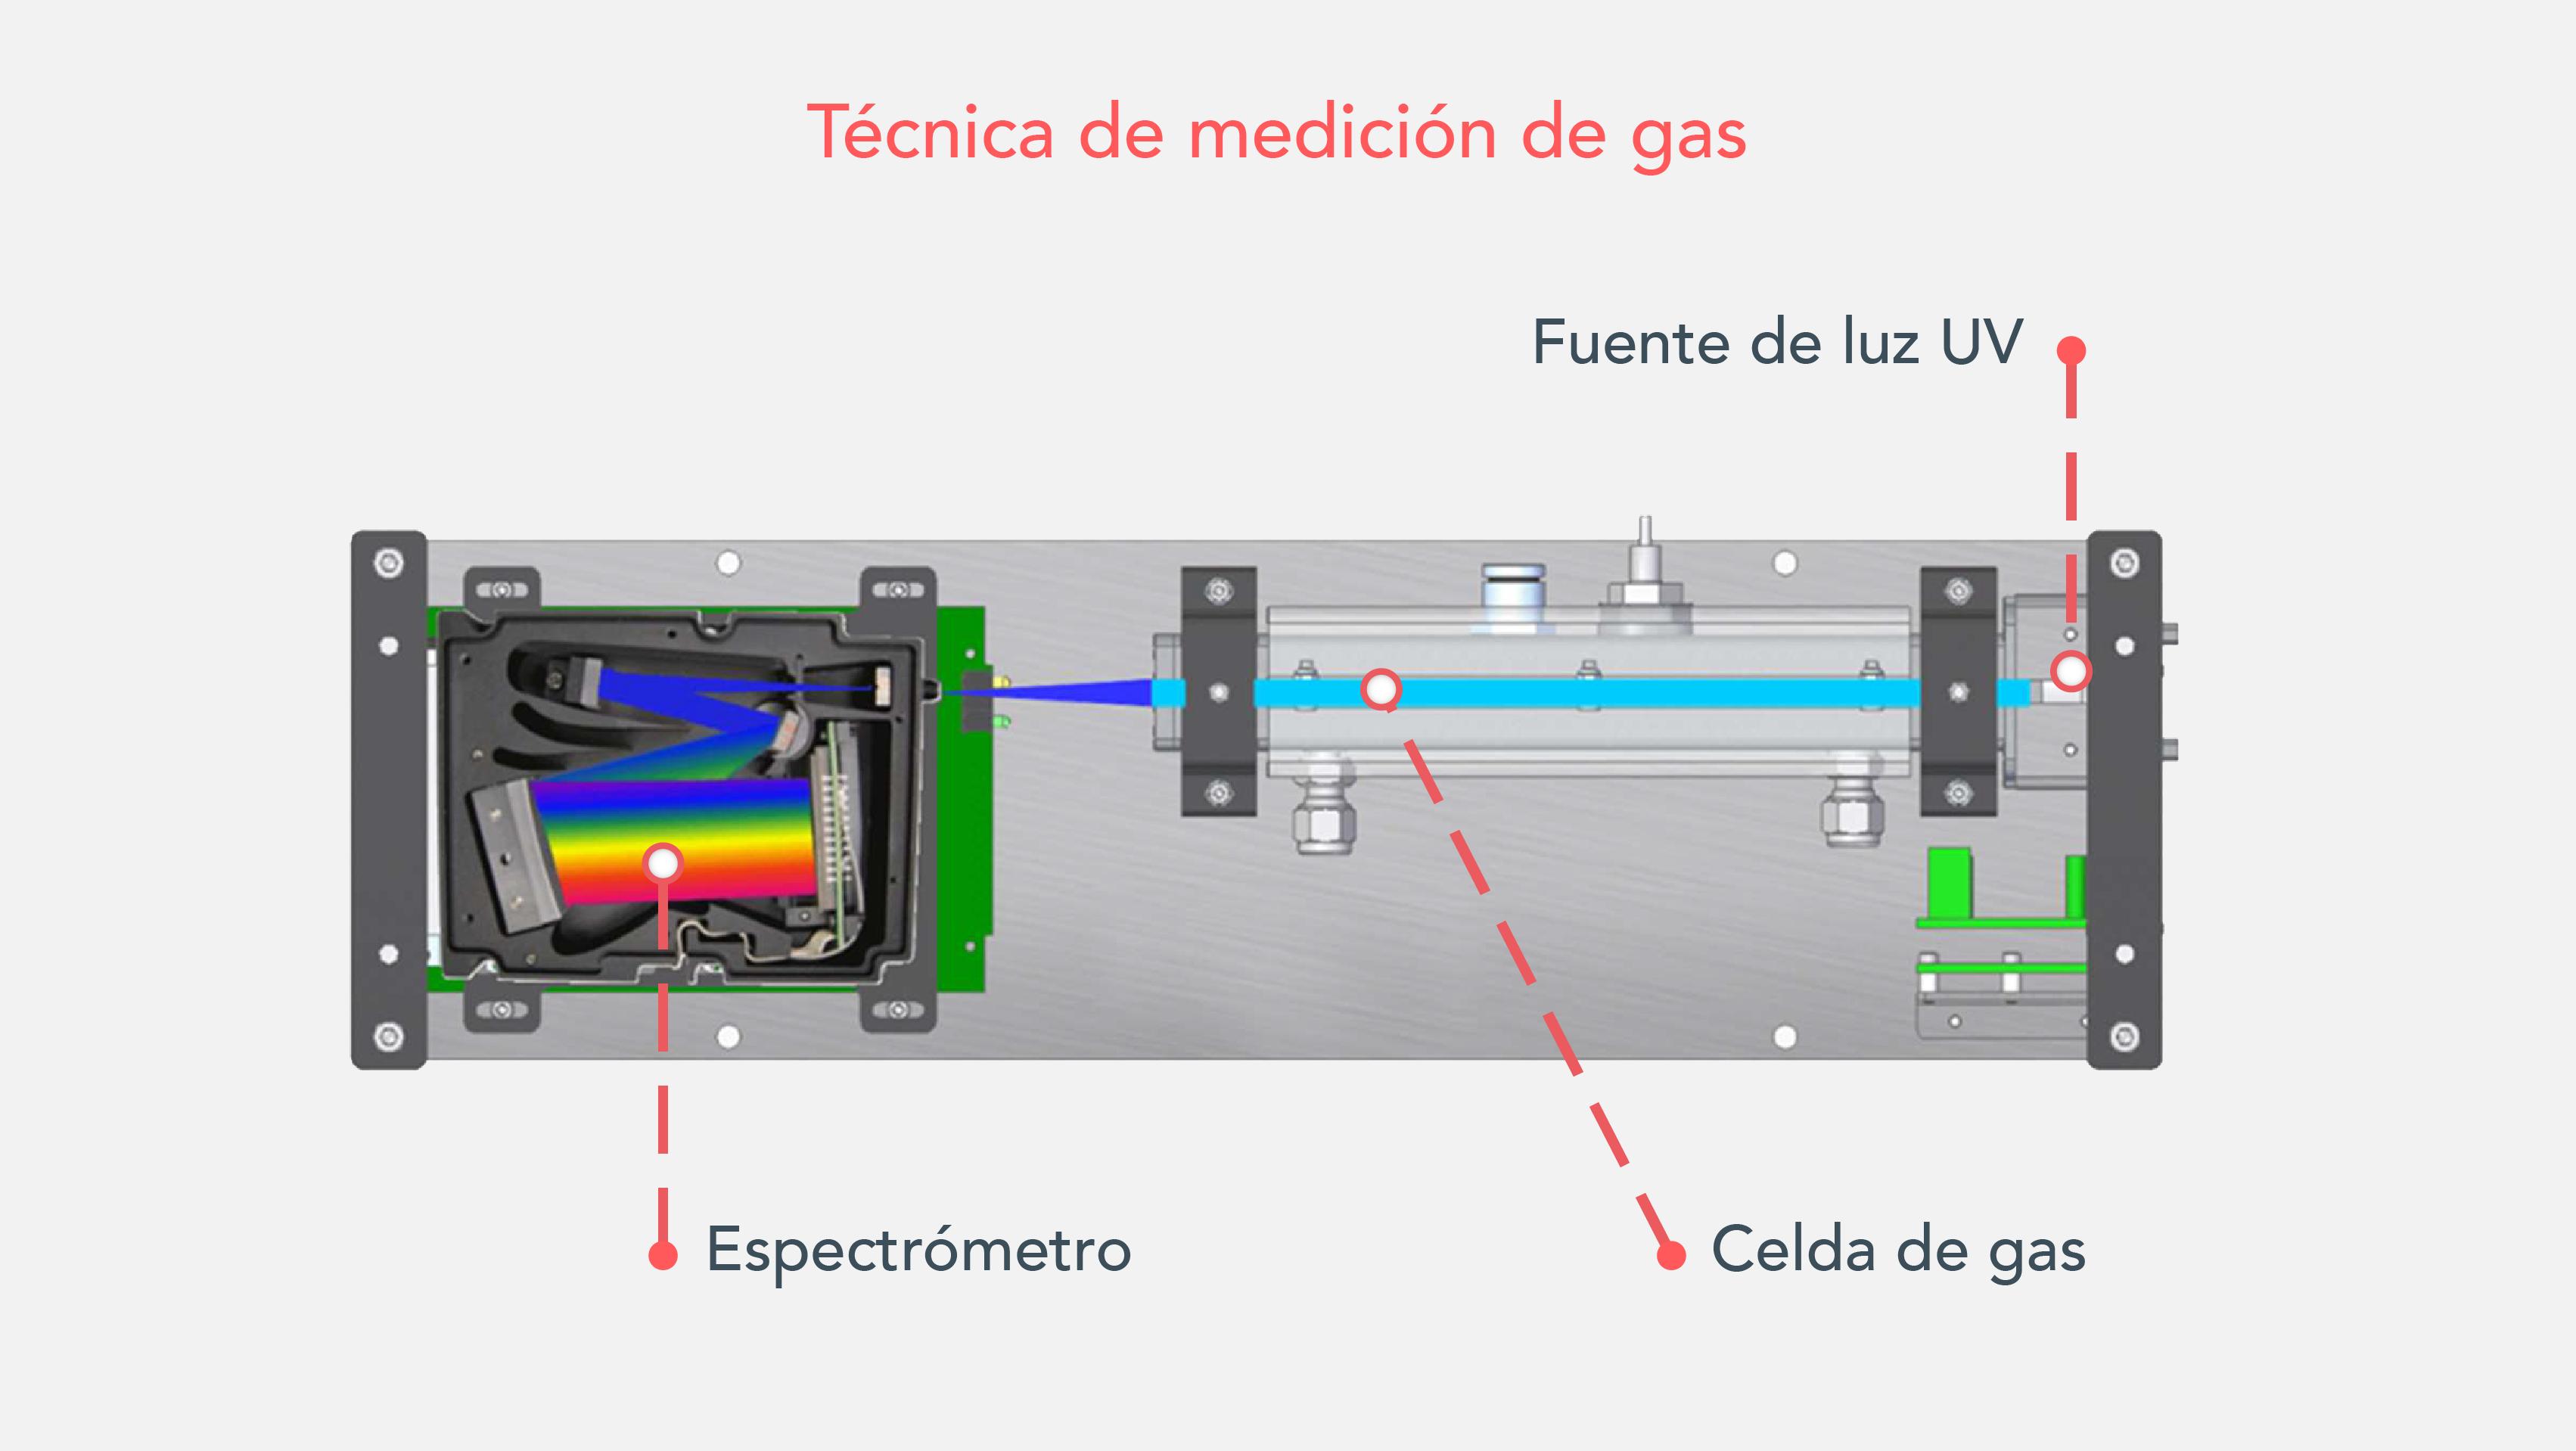 Gas measurement technique 01